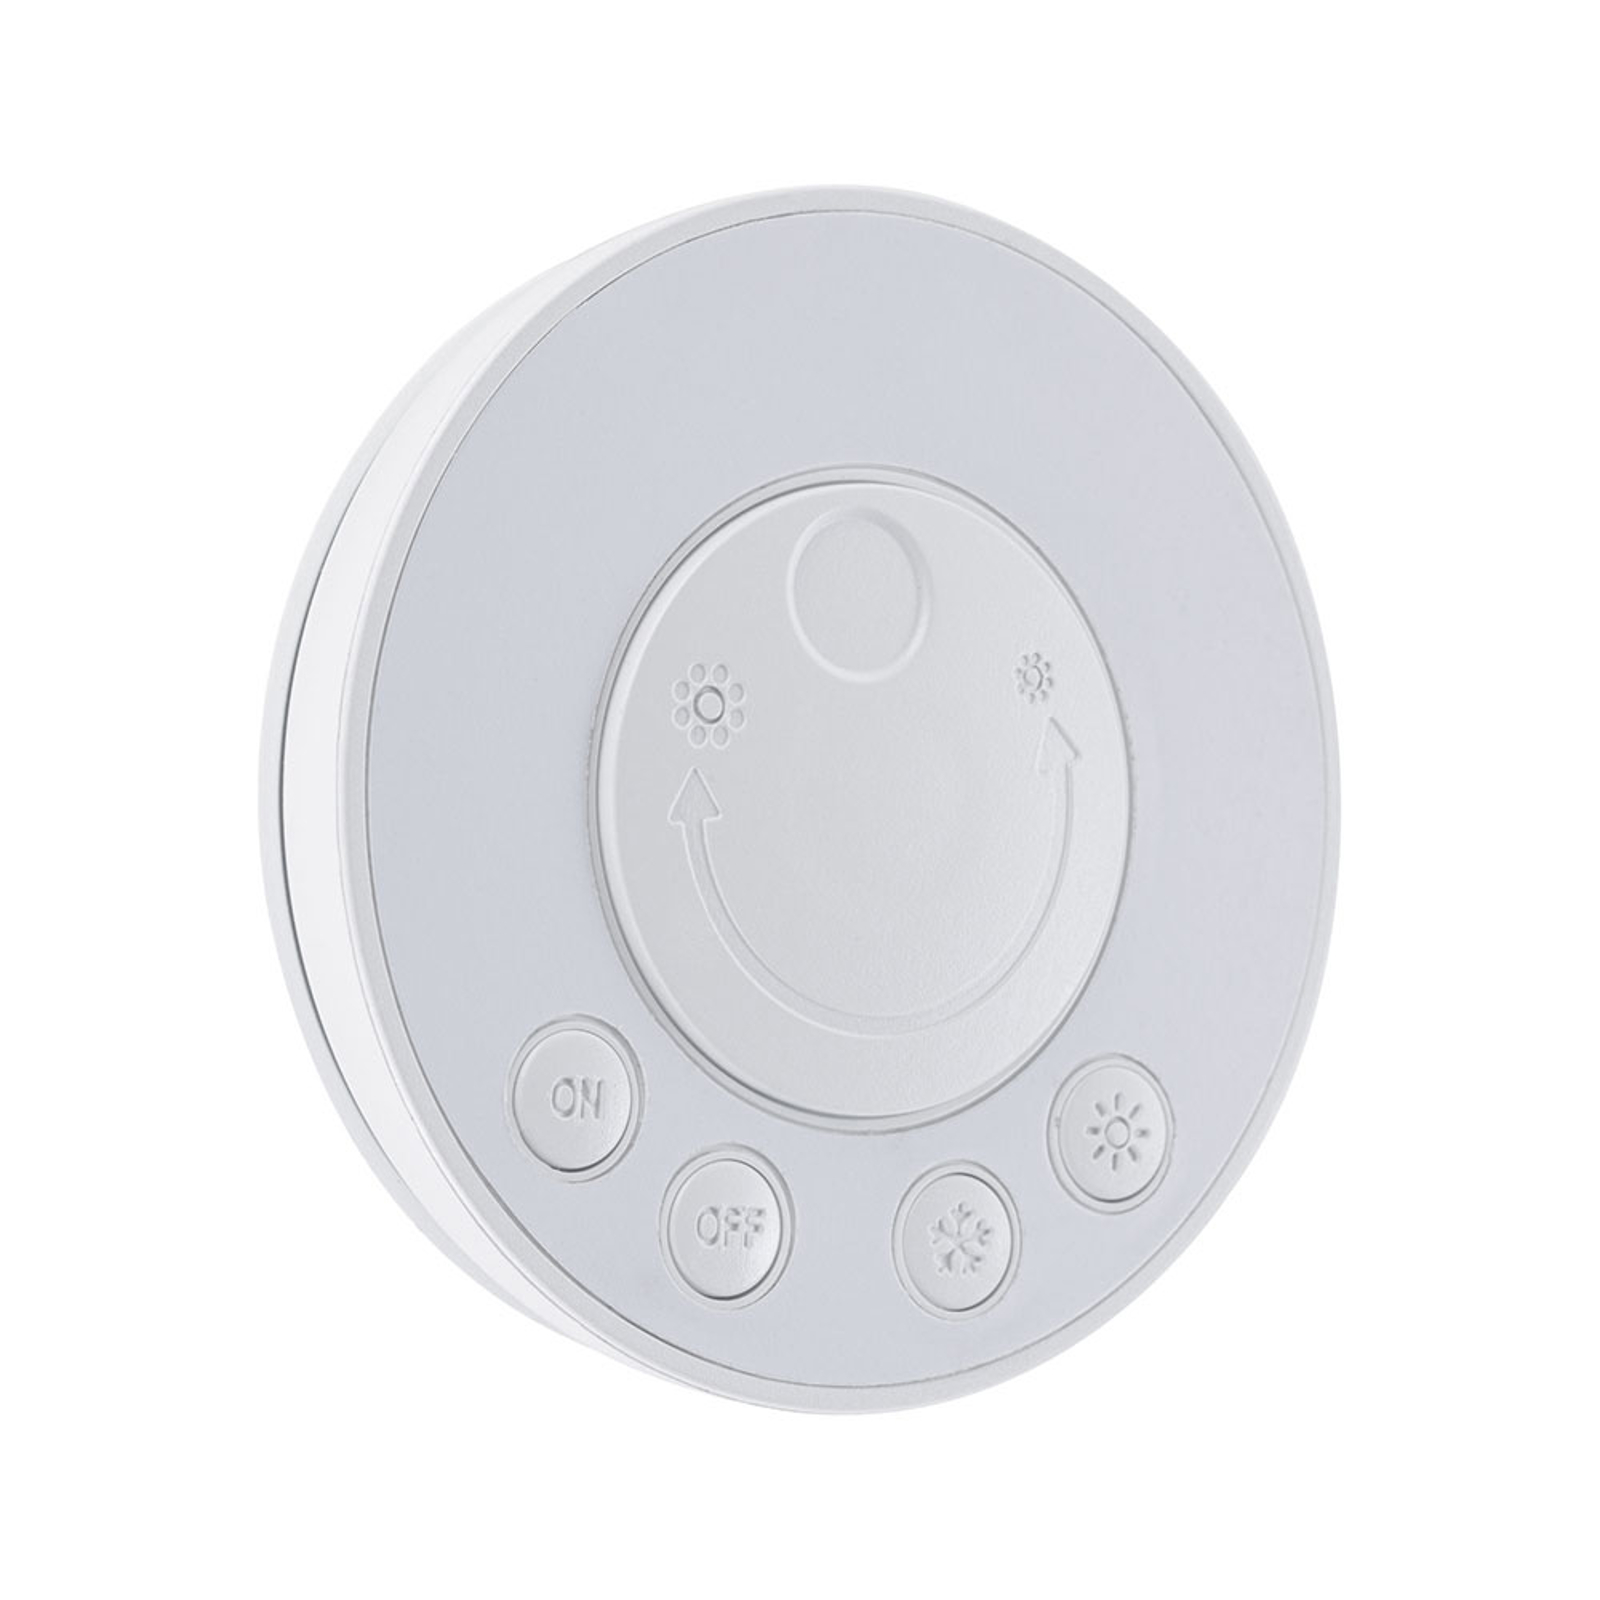 Paulmann Clever Connect Switch Bowl mod. contrôle